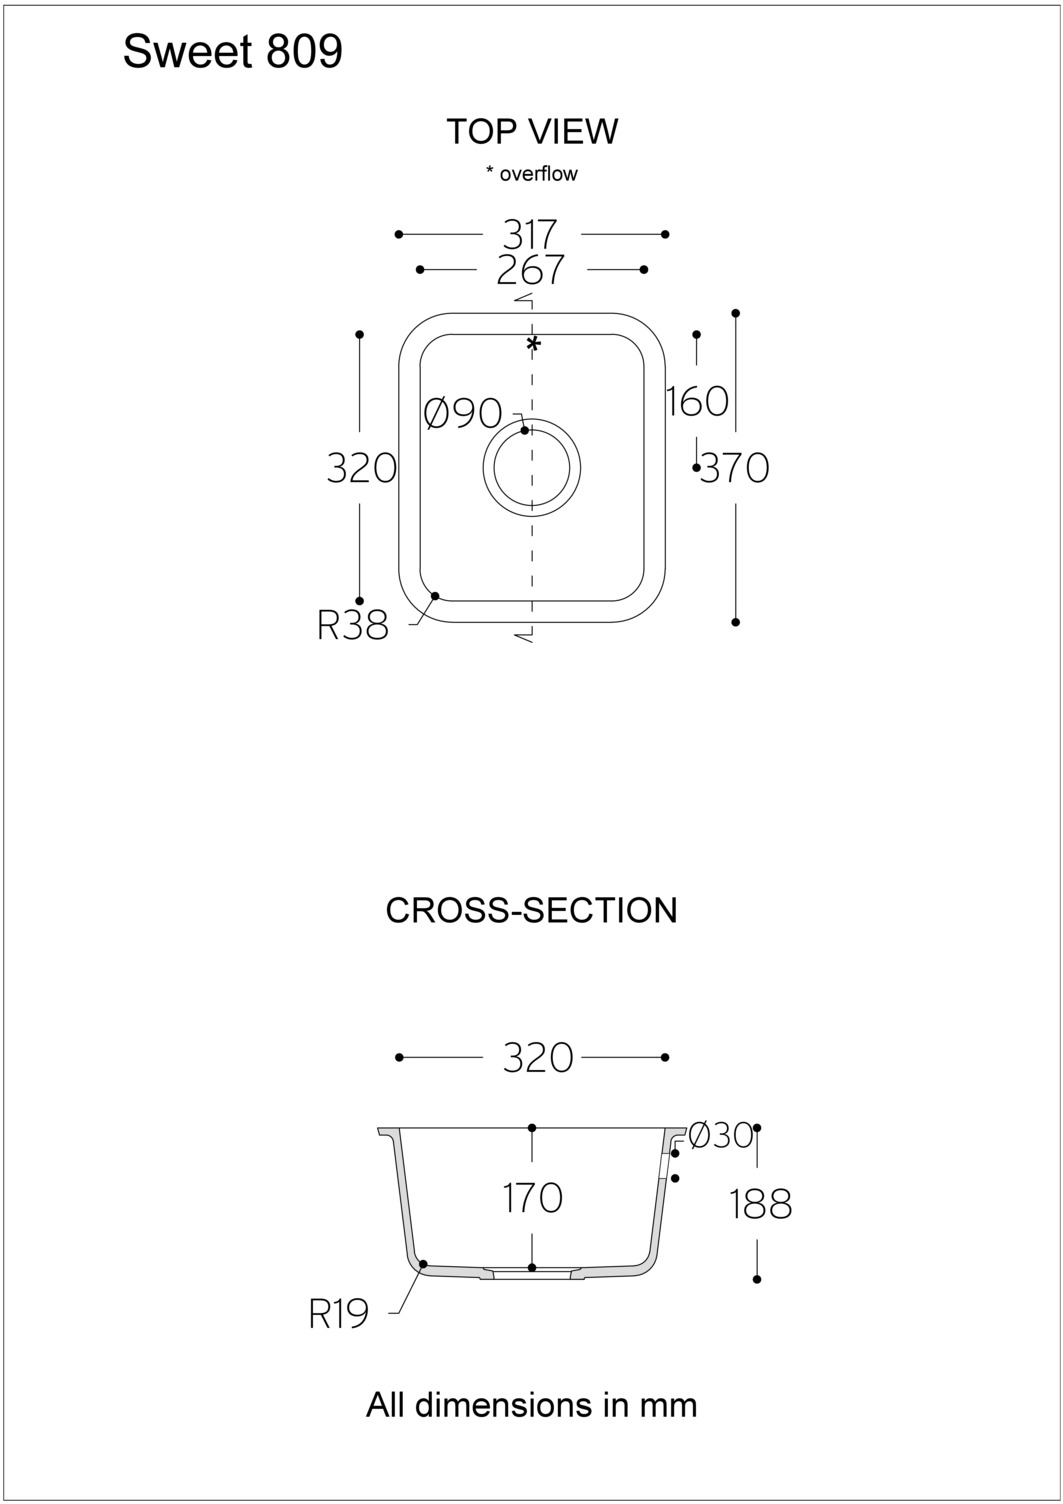 DUPONT_CORIAN_SWEET809_2D_PDF[0]